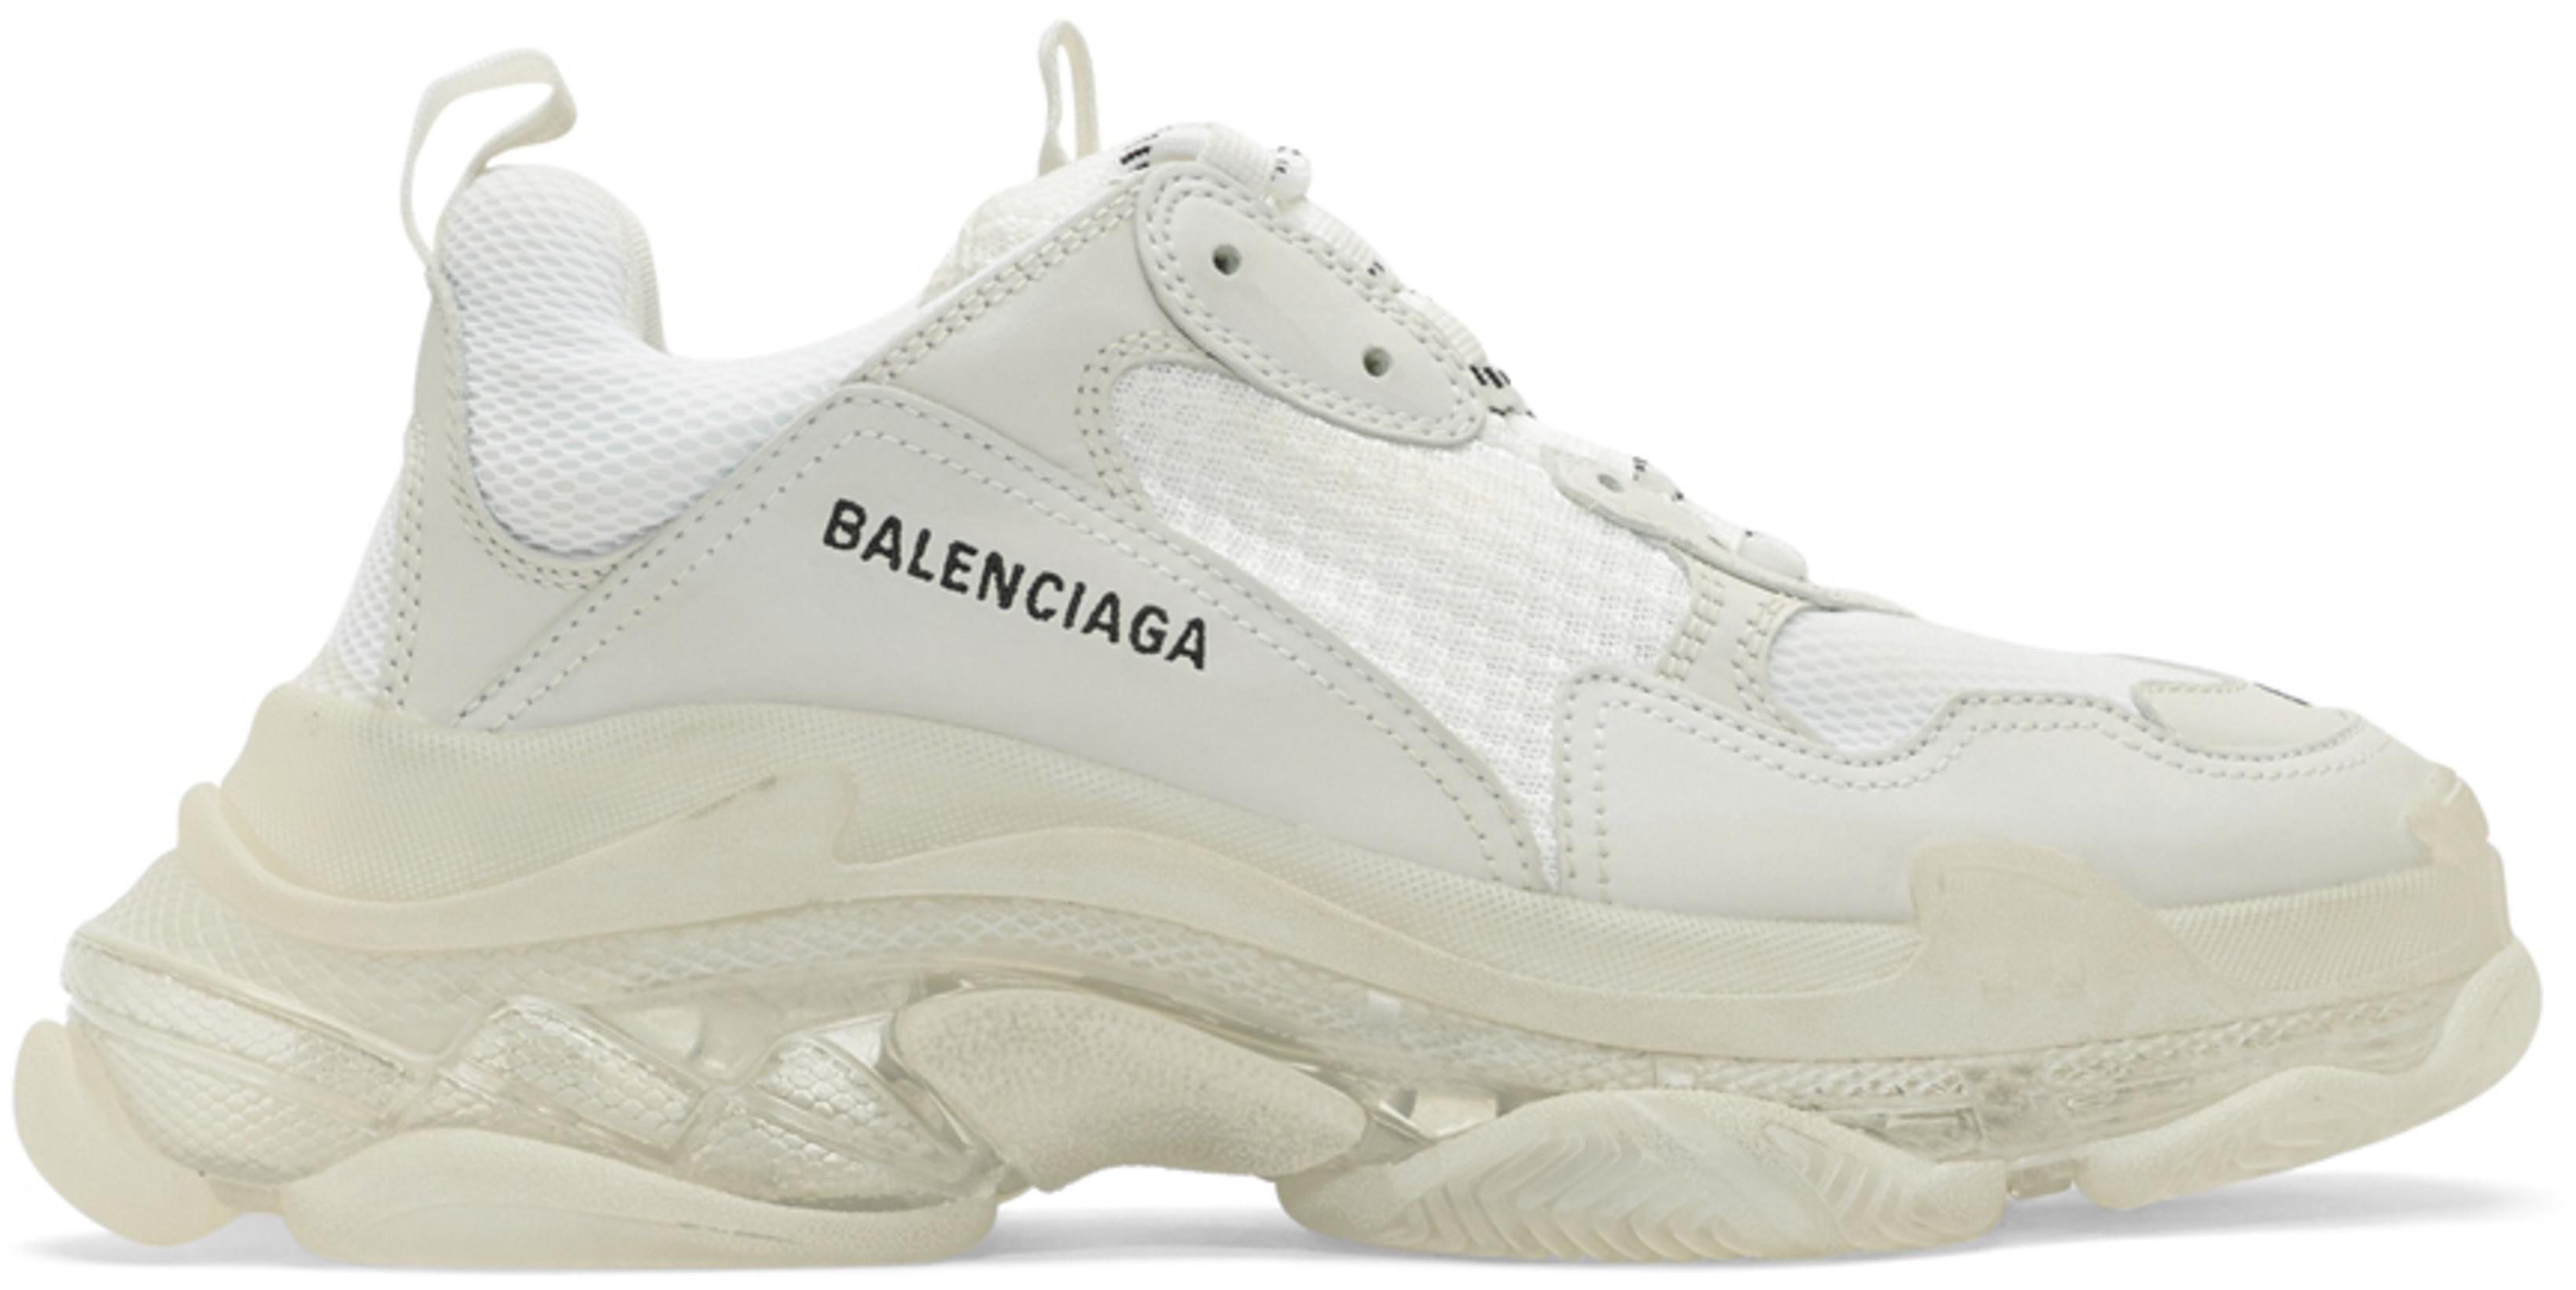 Balenciaga トリプルS クリアソール